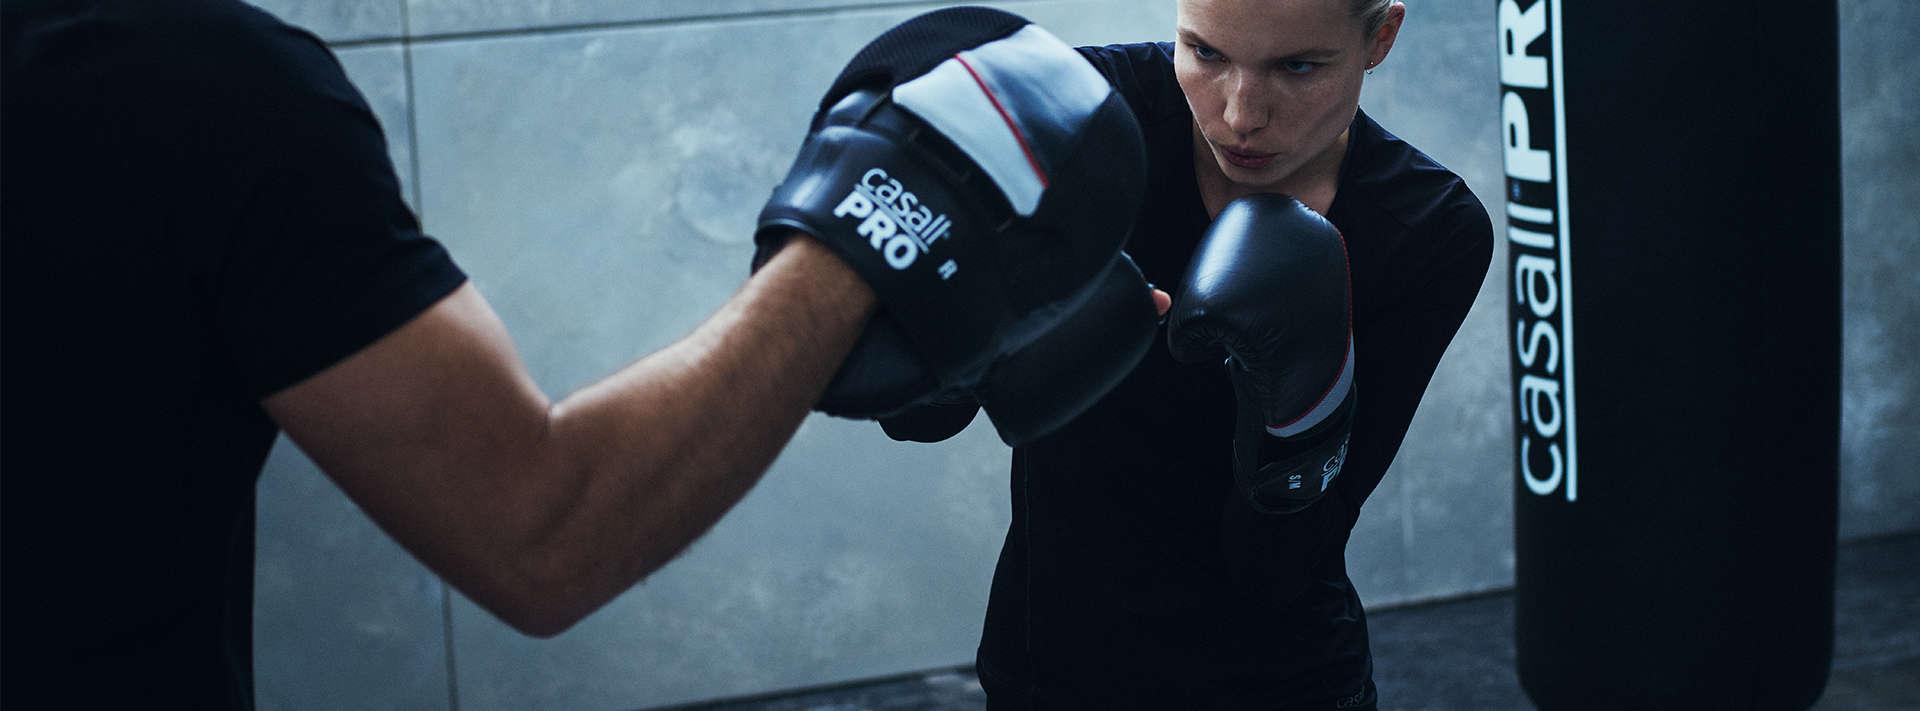 casall pro casall professional matrix fitness gymutstyr treningutstyr